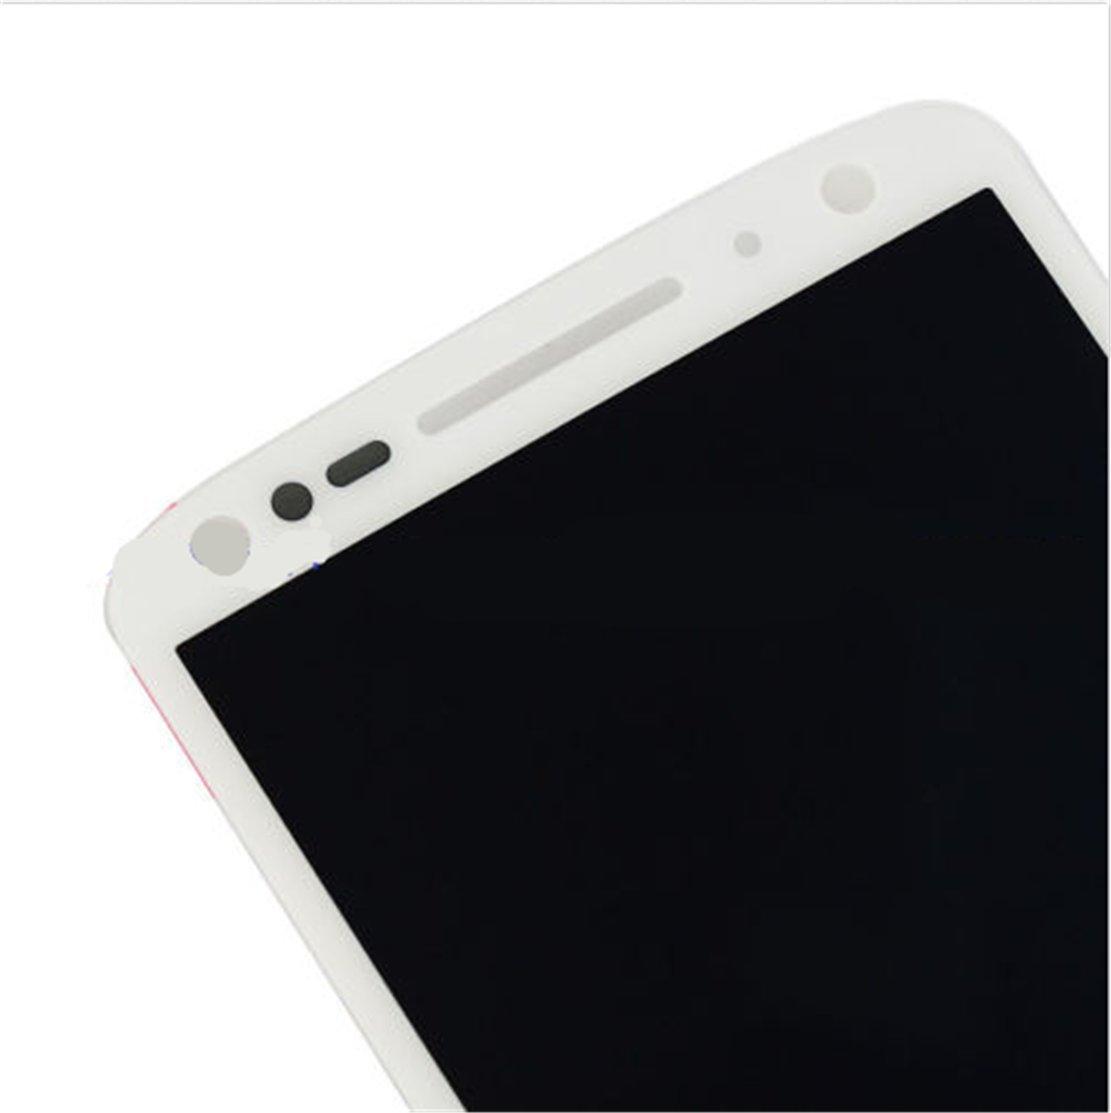 Motorola Droid Turbo 2 xt1580 xt1581 xt1585 pantalla en Juego completo LCD repuestos para reparación de cristal táctil: Amazon.es: Electrónica